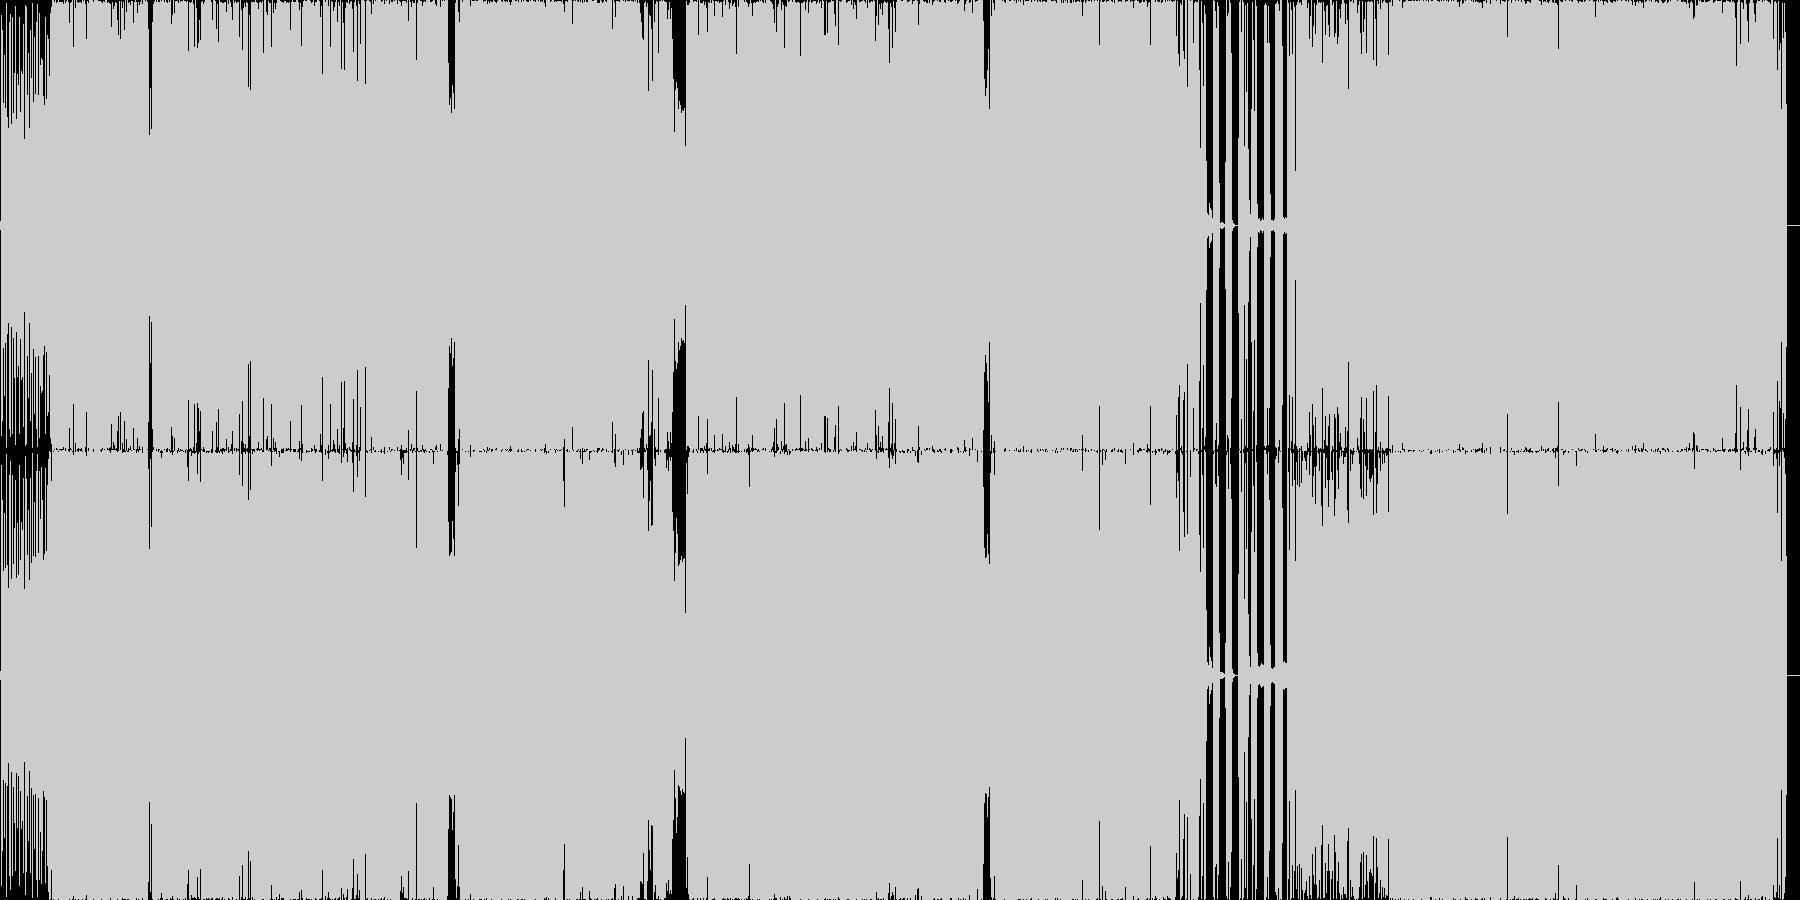 サビのハーモニー推し四分打ちbeatの未再生の波形